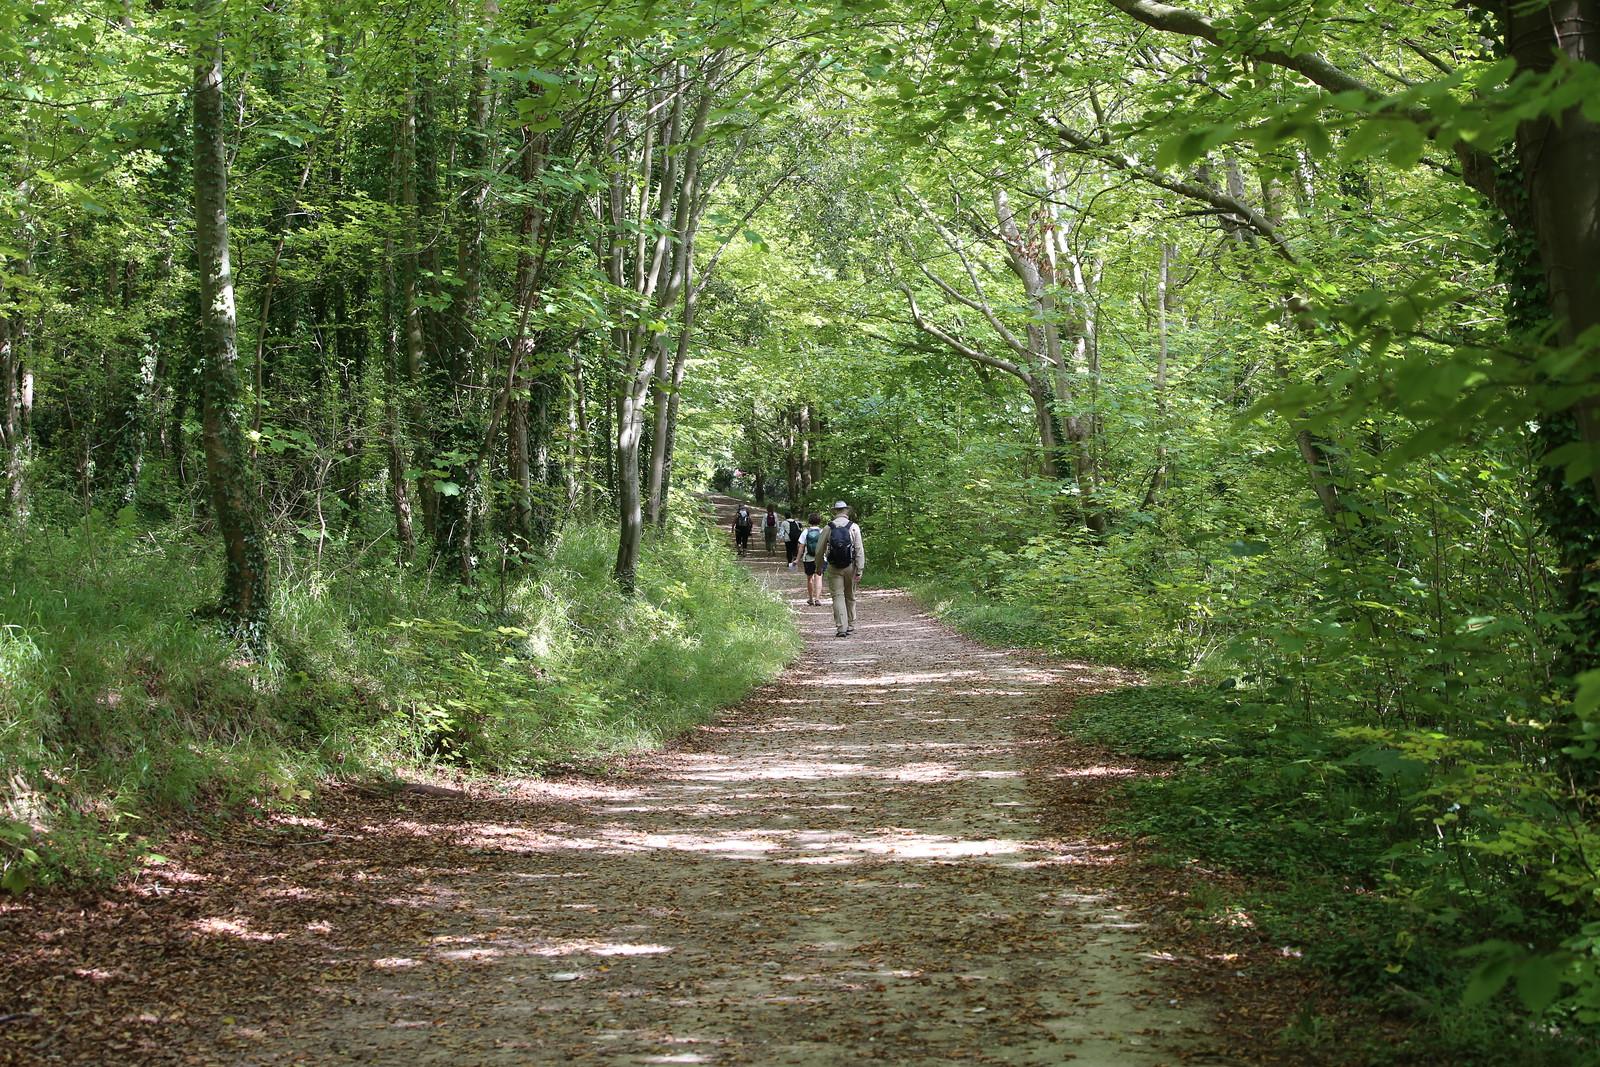 Shady wood walk - near West Dean